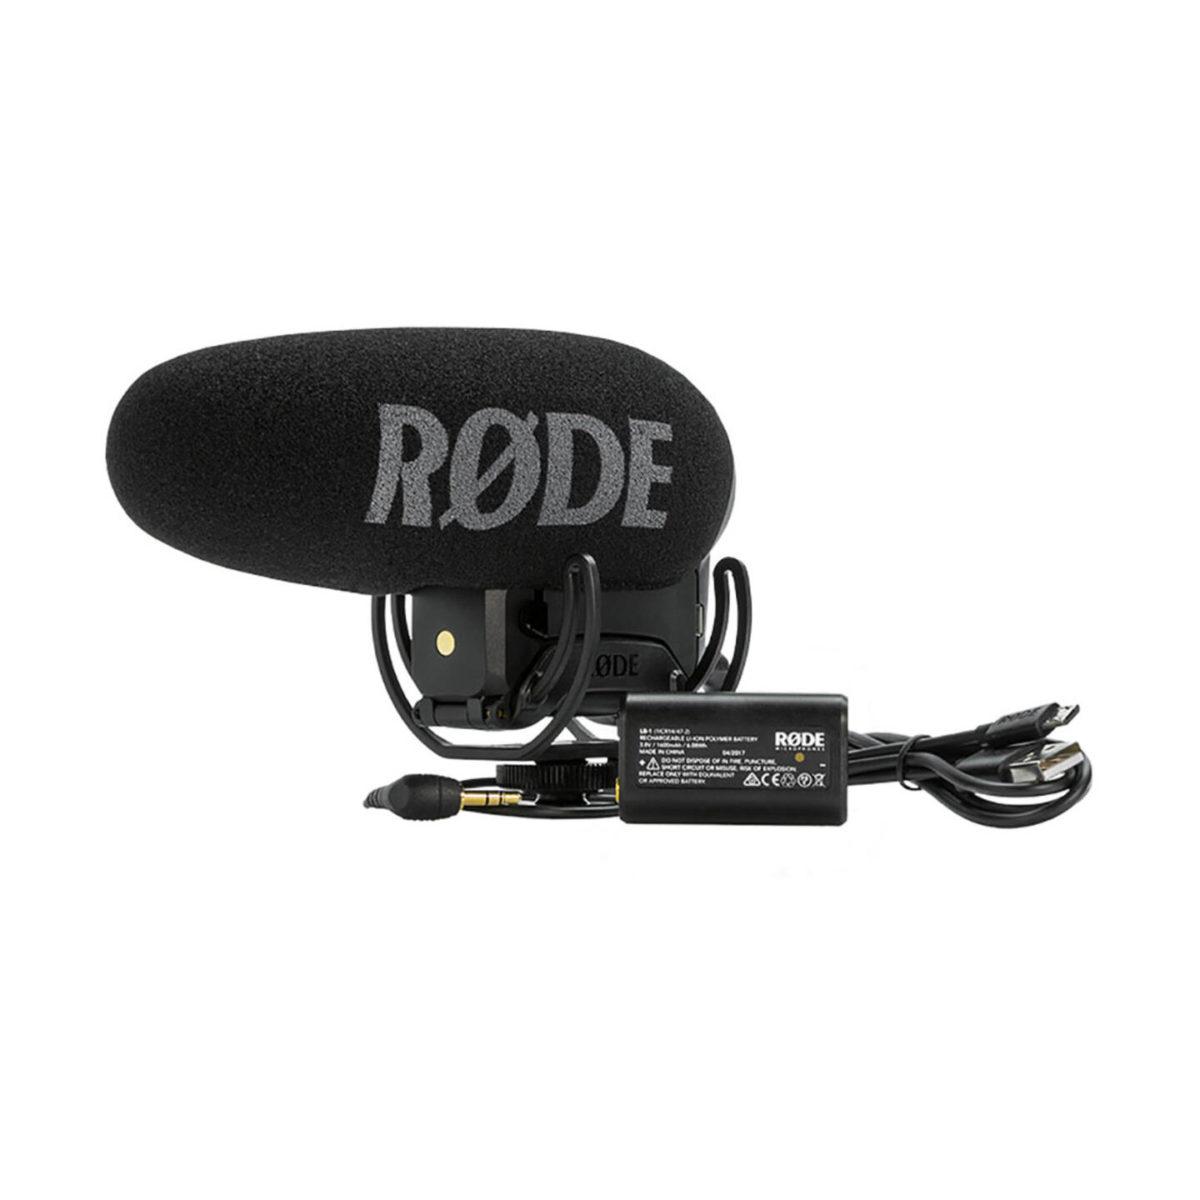 rode_videomic_pro_plus_mikrofon_02